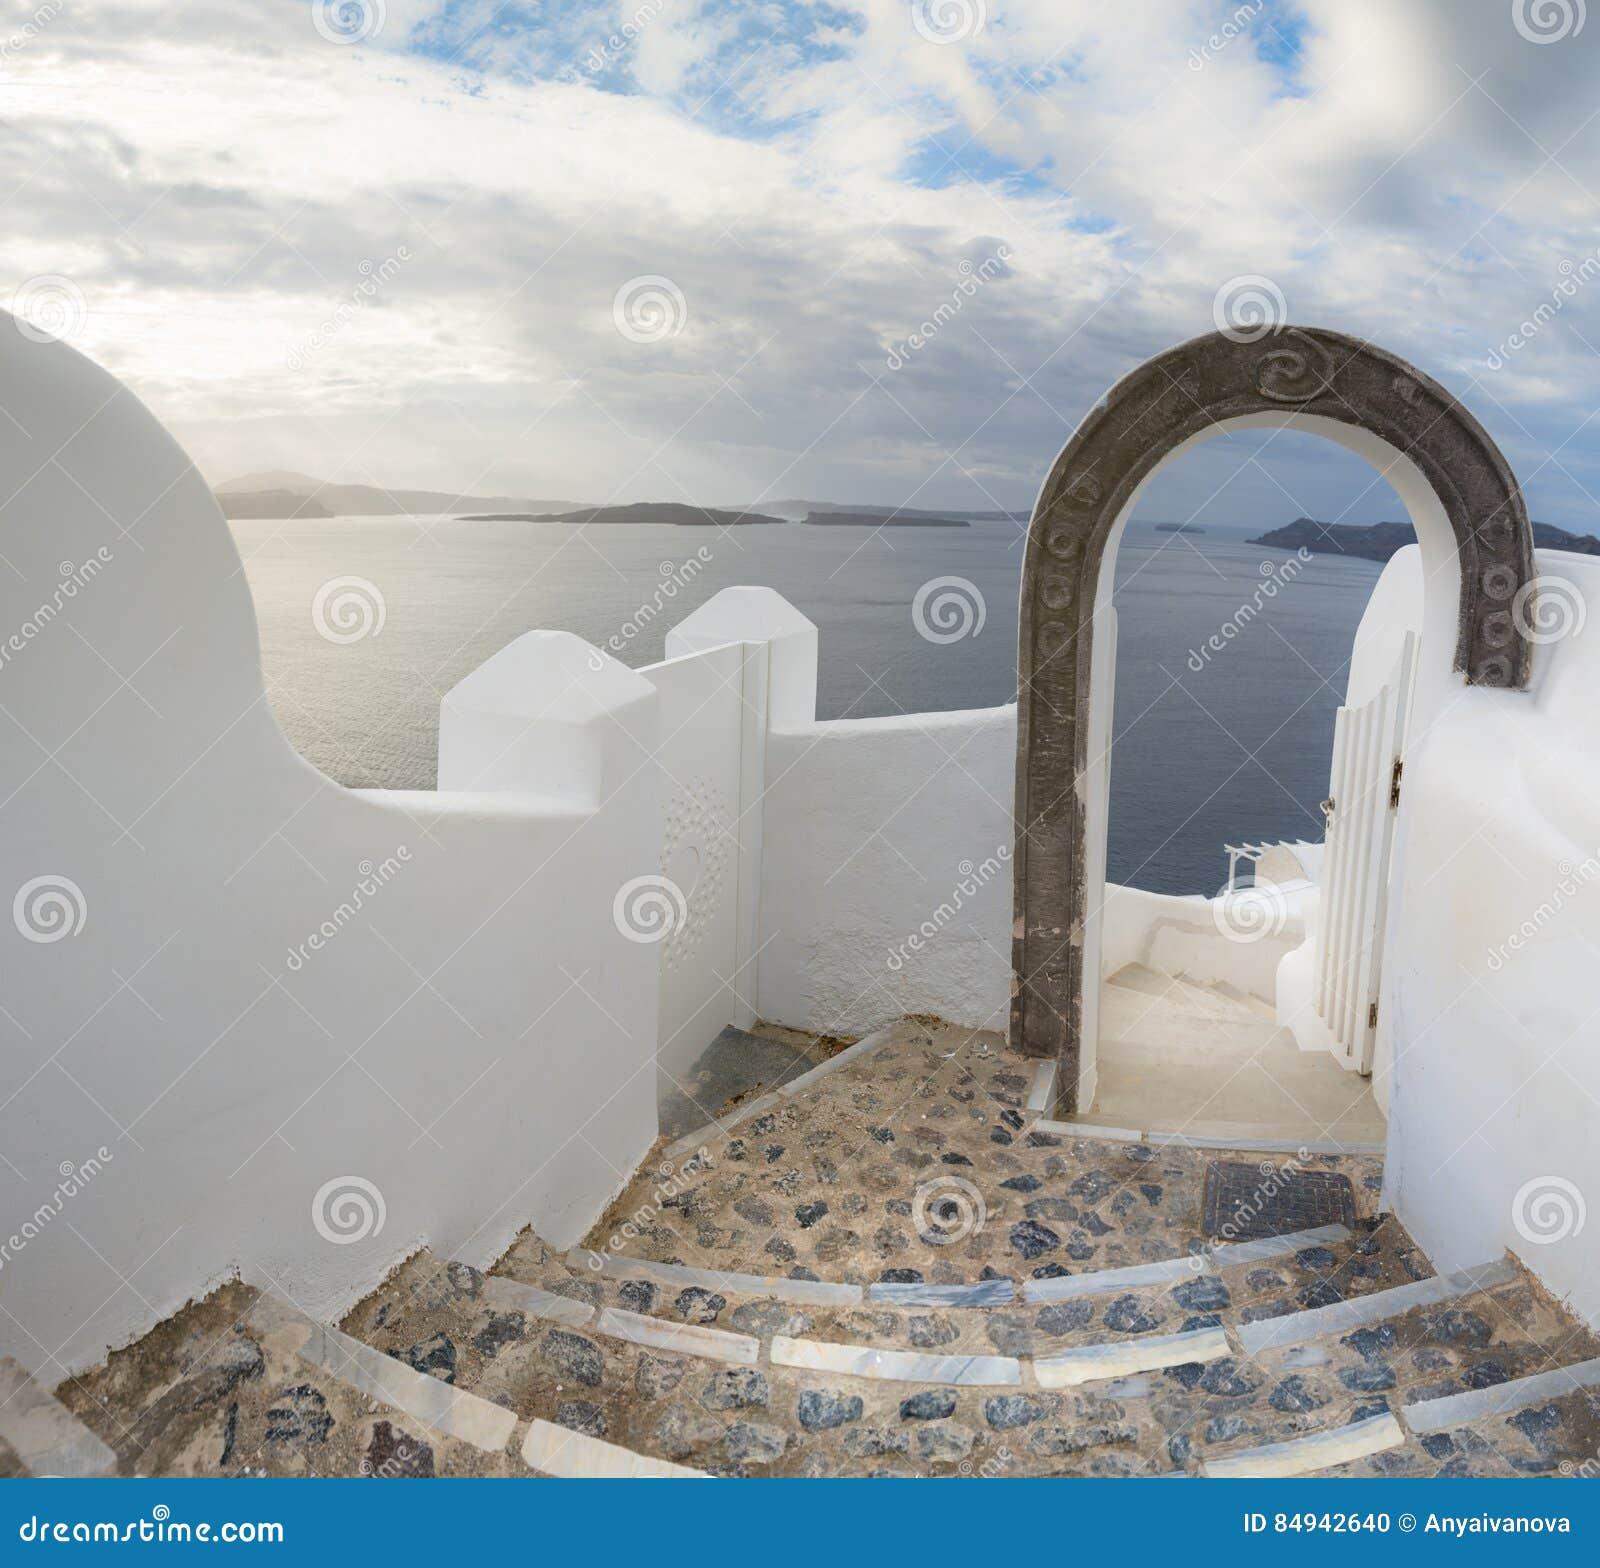 Santorini - Treppenhaus In Richtung Zur Magestic Ansicht über Kessel ...